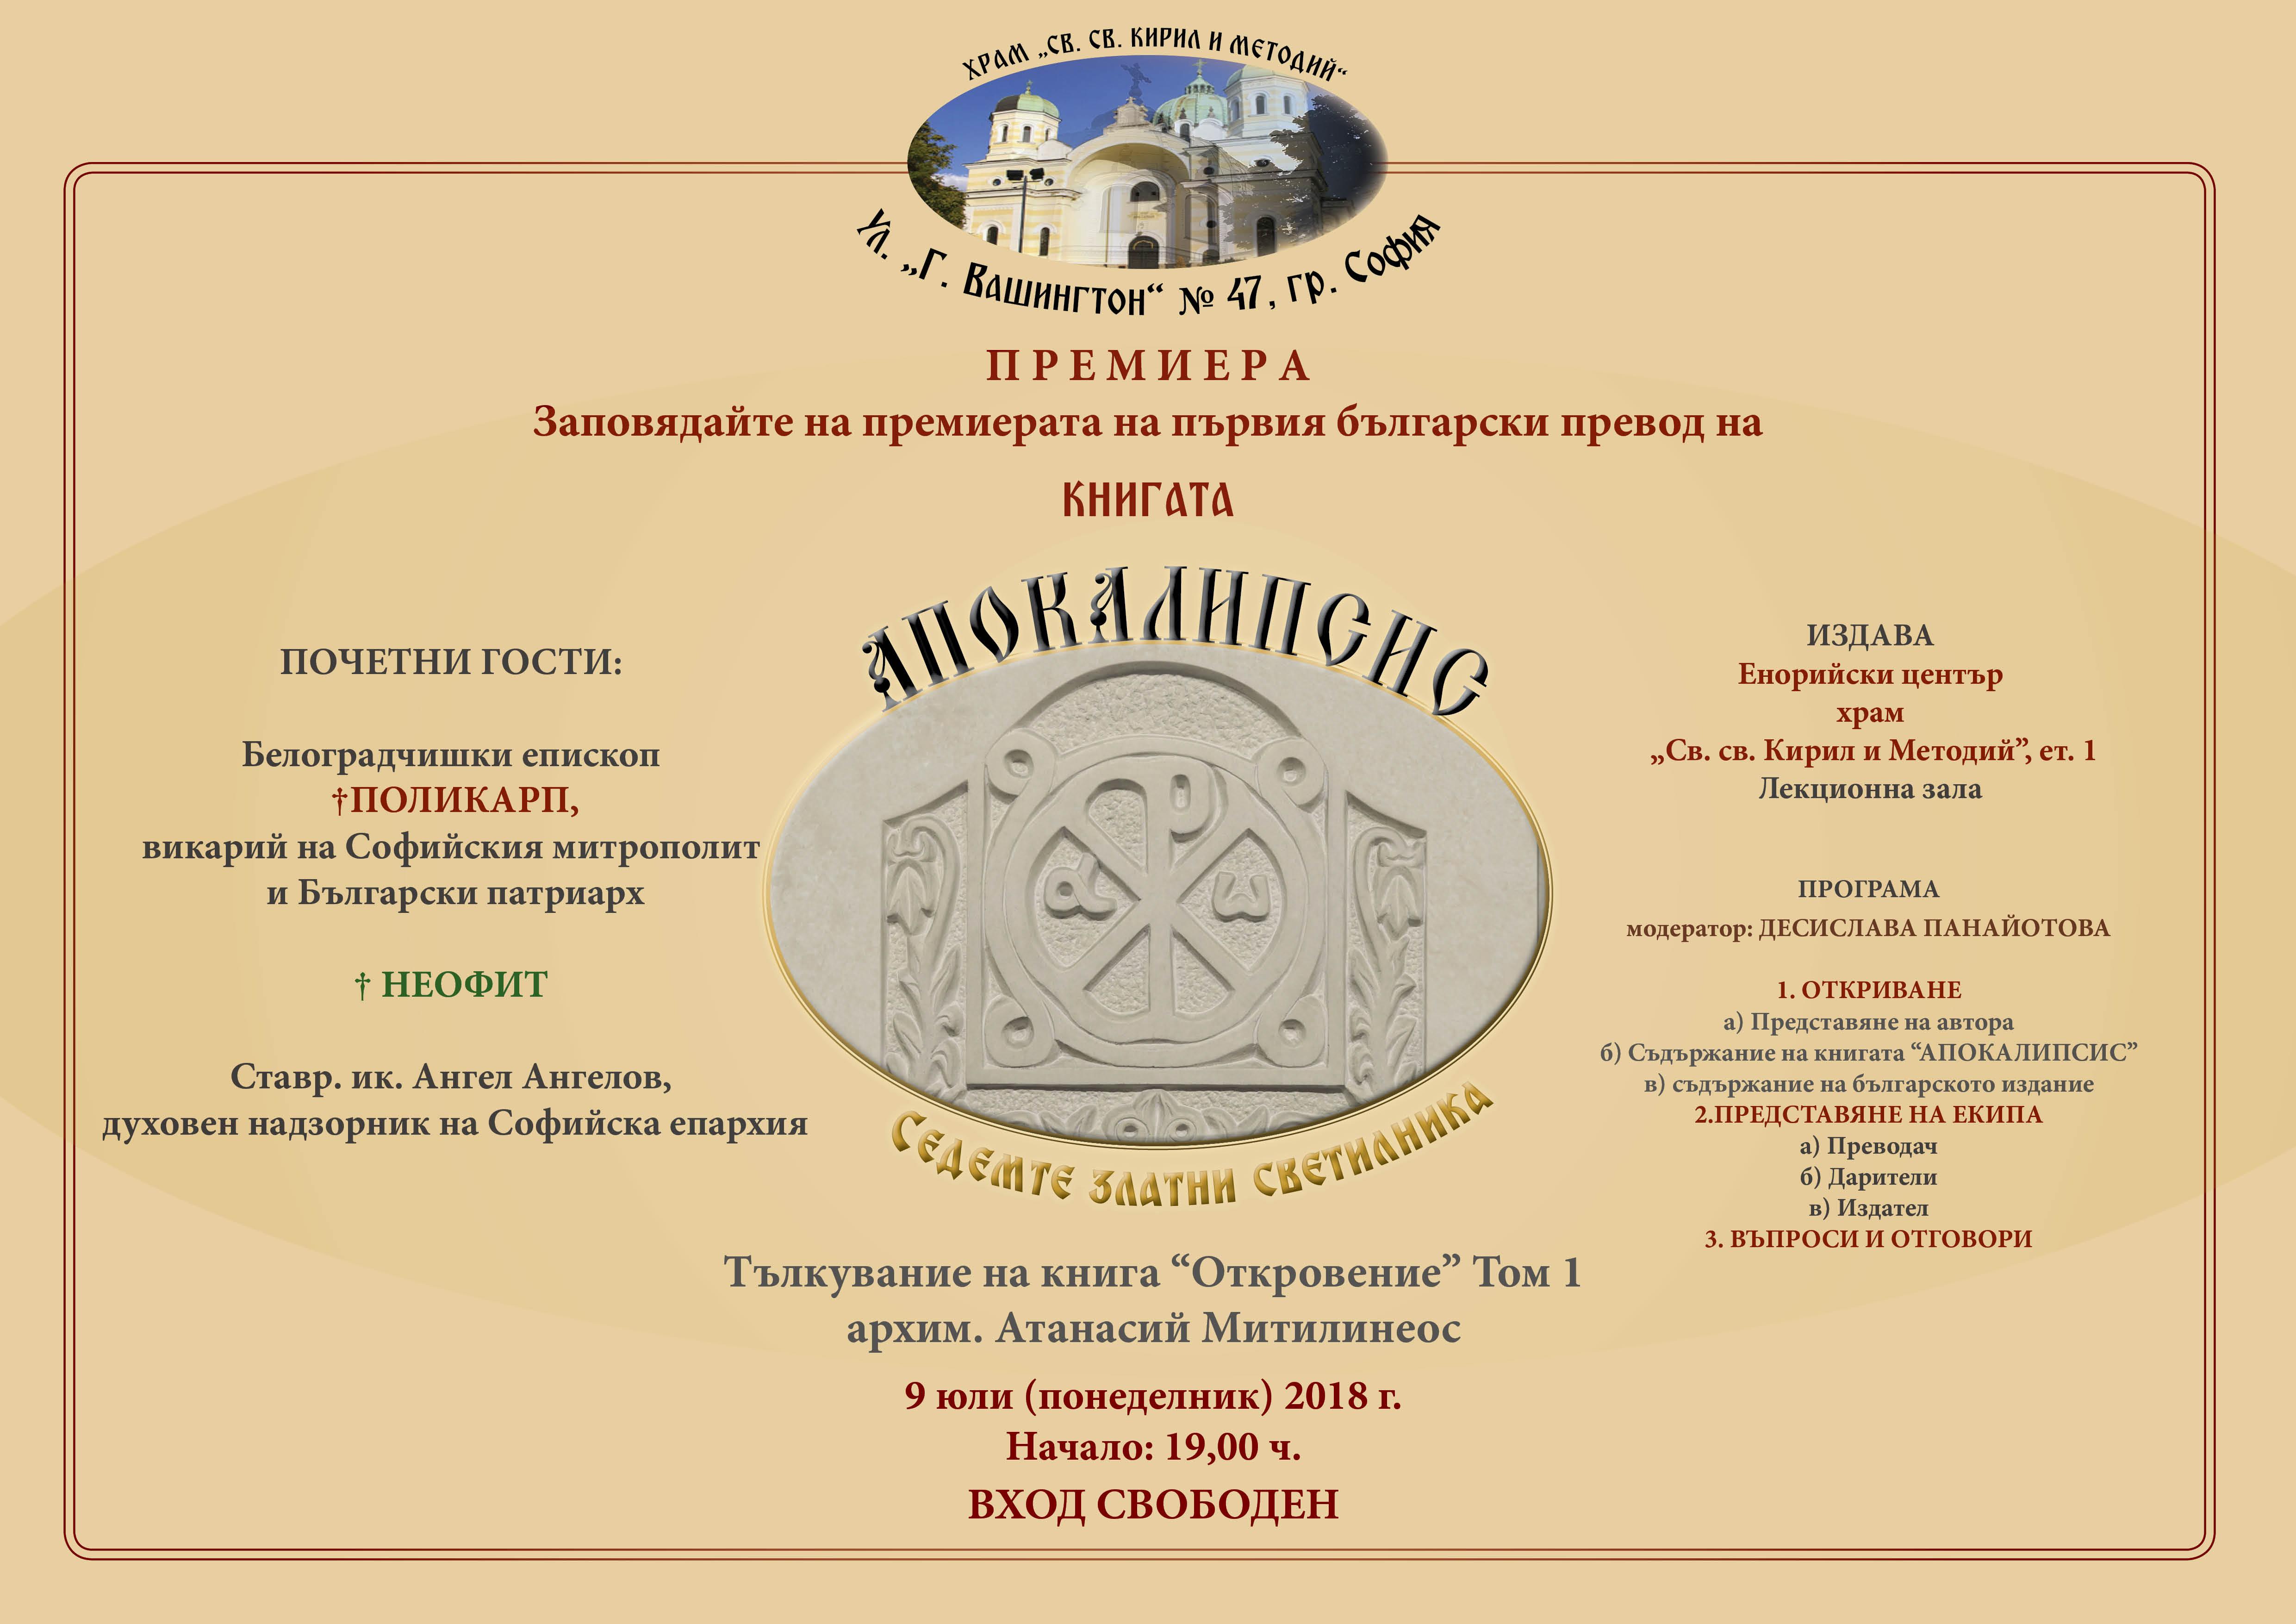 """%20%20 Всемирното Православие - 9 ЮЛИ 2018 Г. - ПРЕМИЕРА НА КНИГАТА """"АПОКАЛИПСИС"""" ОТ АРХИМ. АТАНАСИЙ МИТИЛИНЕОС"""